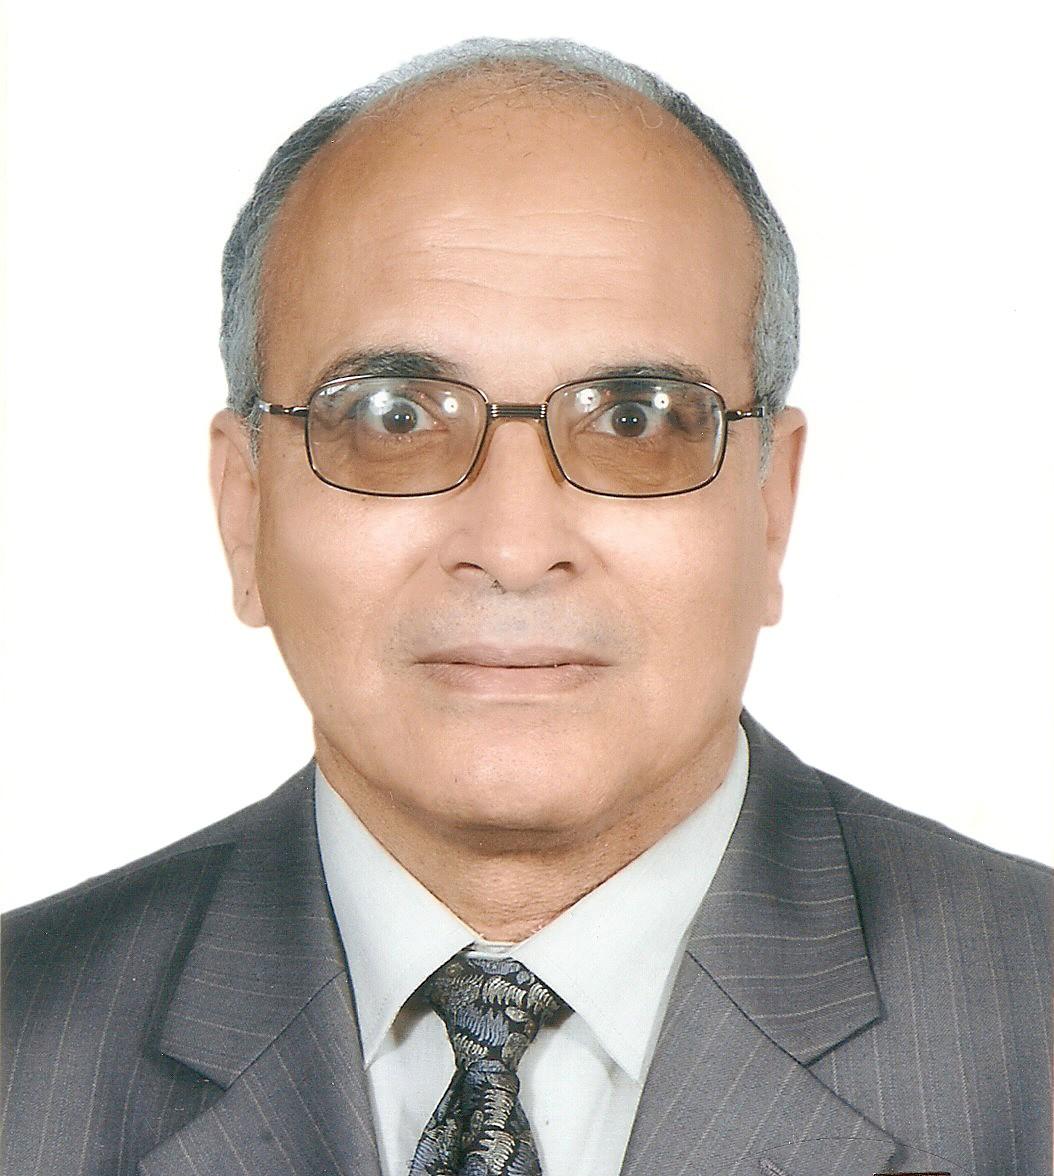 Abelkarim Fourati